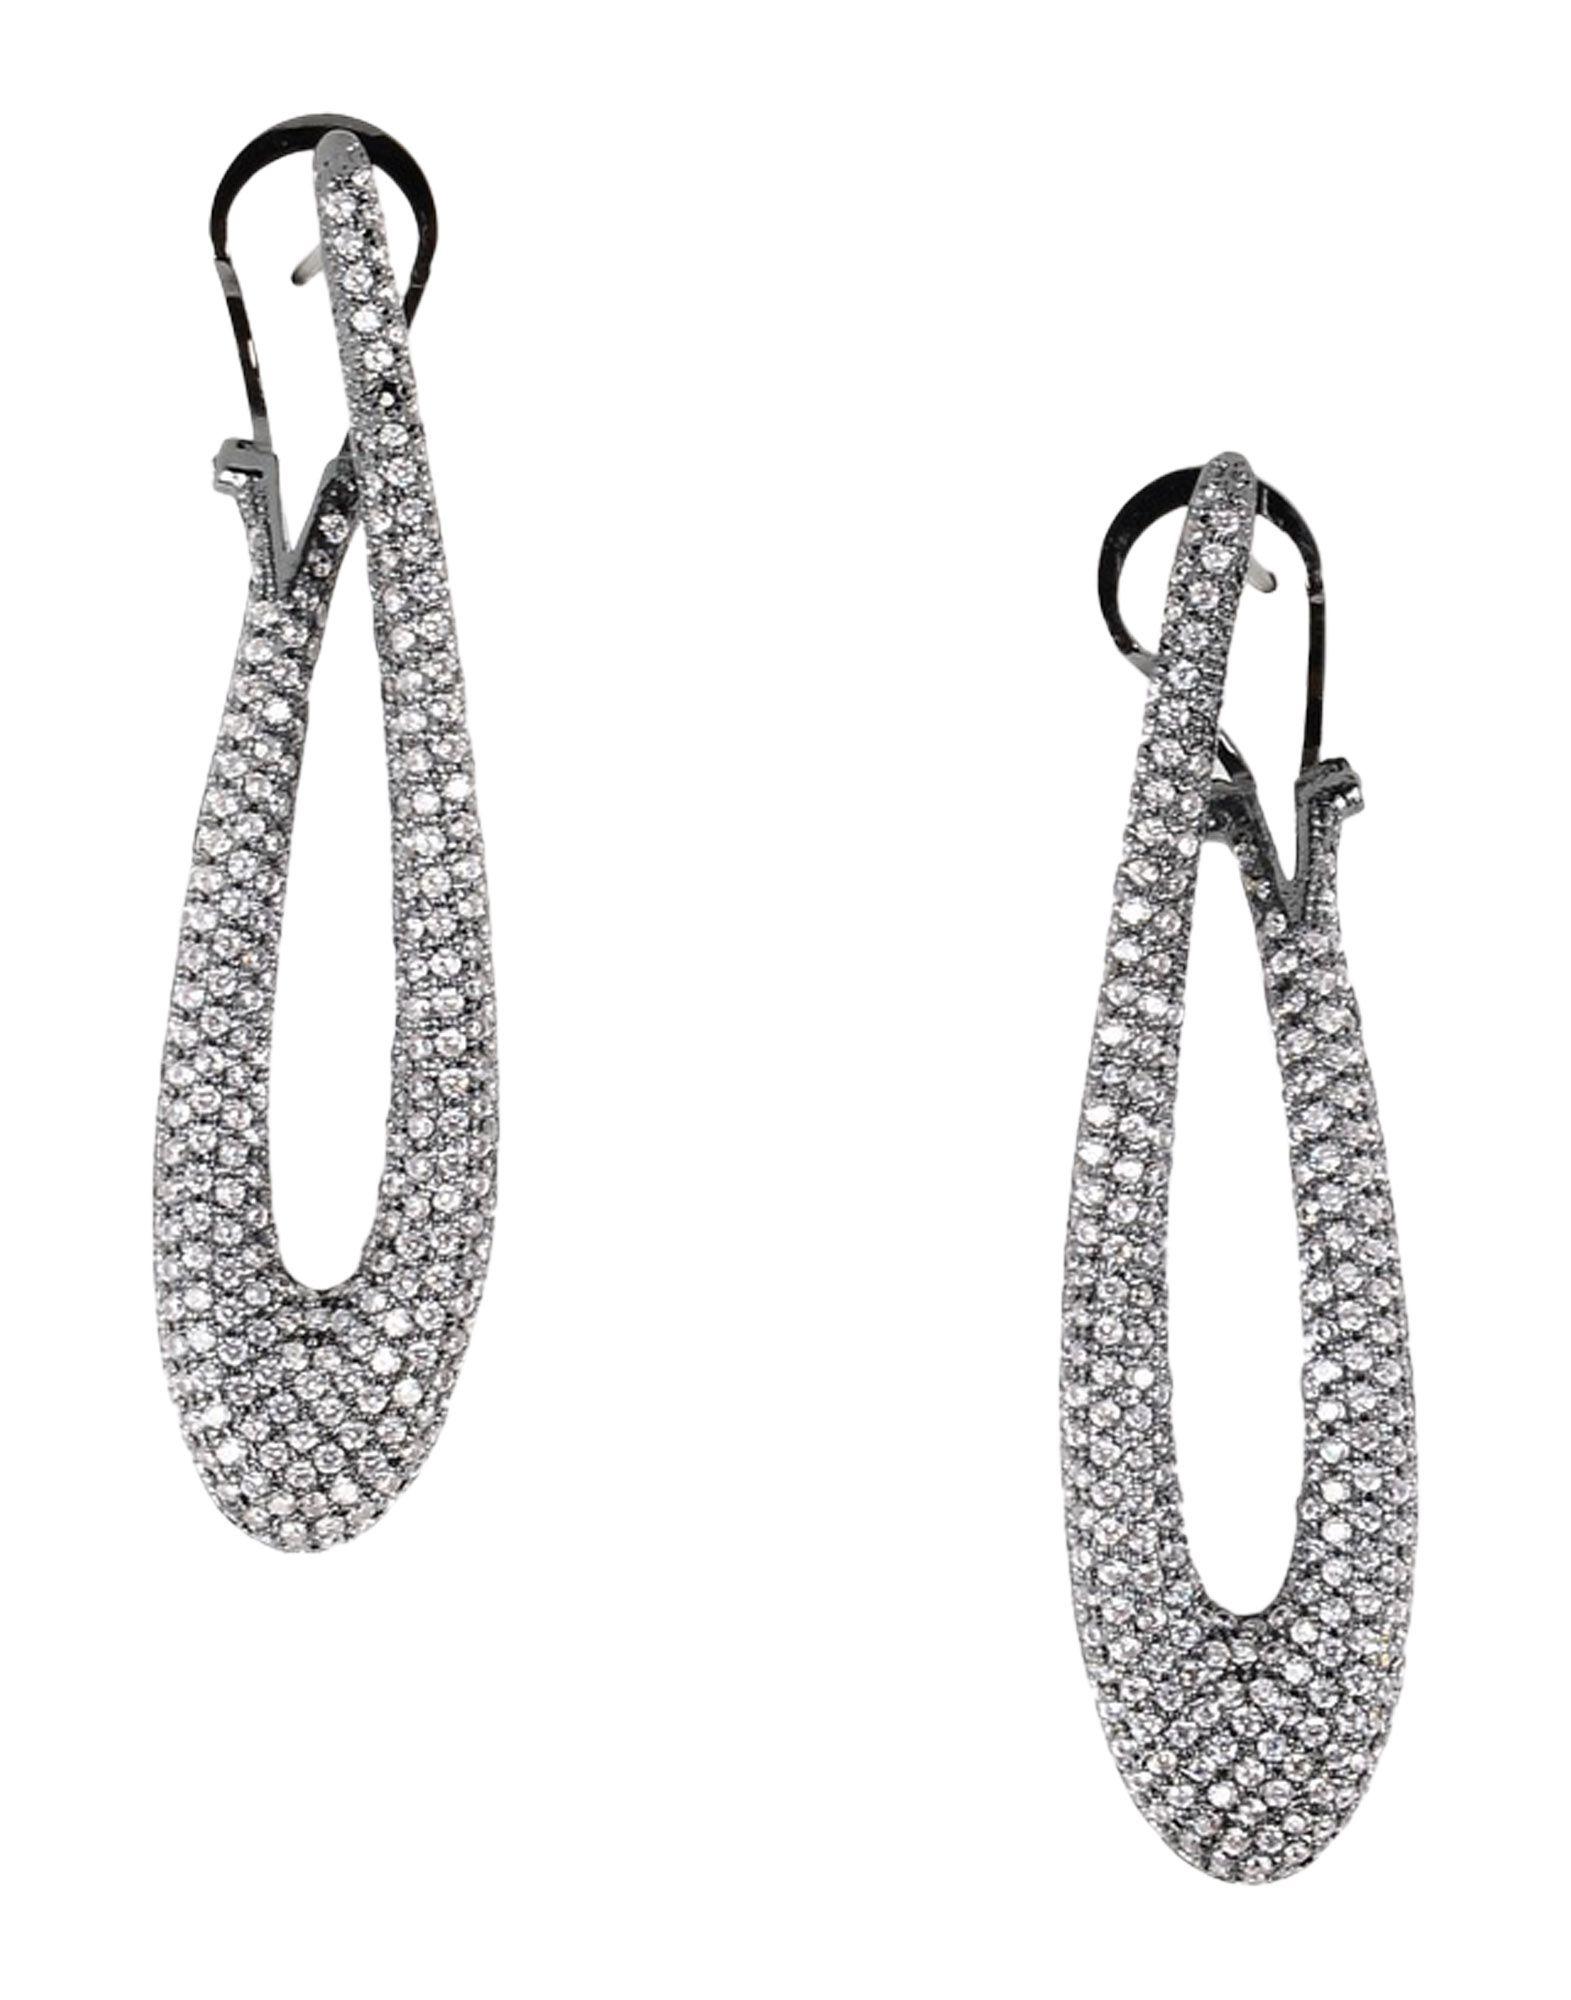 NOIR JEWELRY Earrings in White